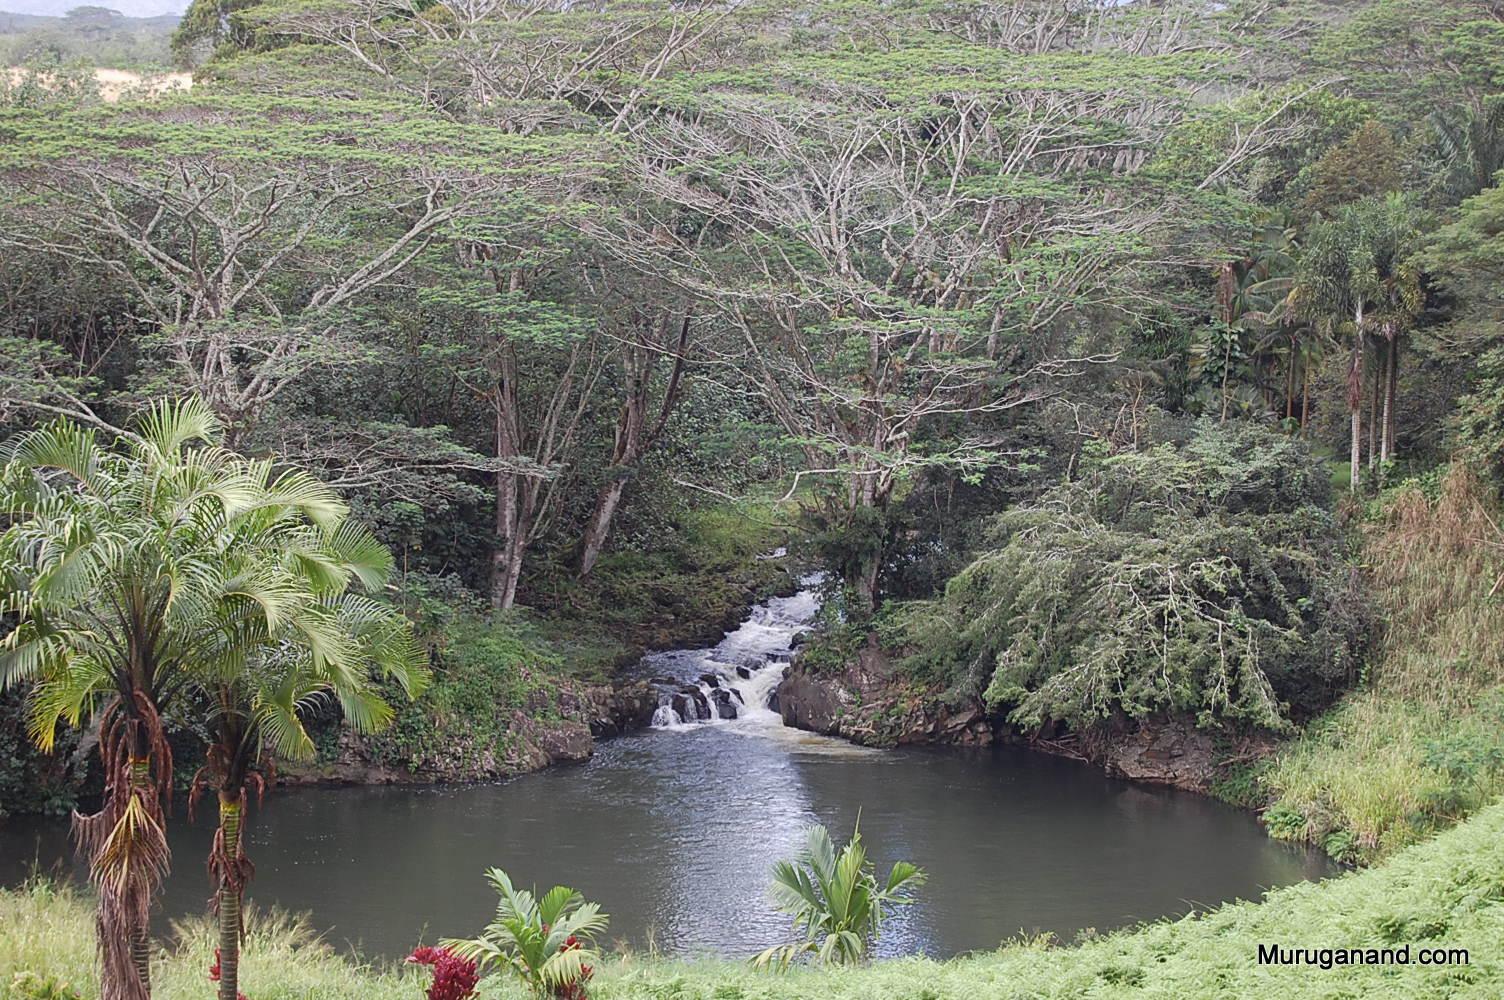 View at Monastery (Kauai)